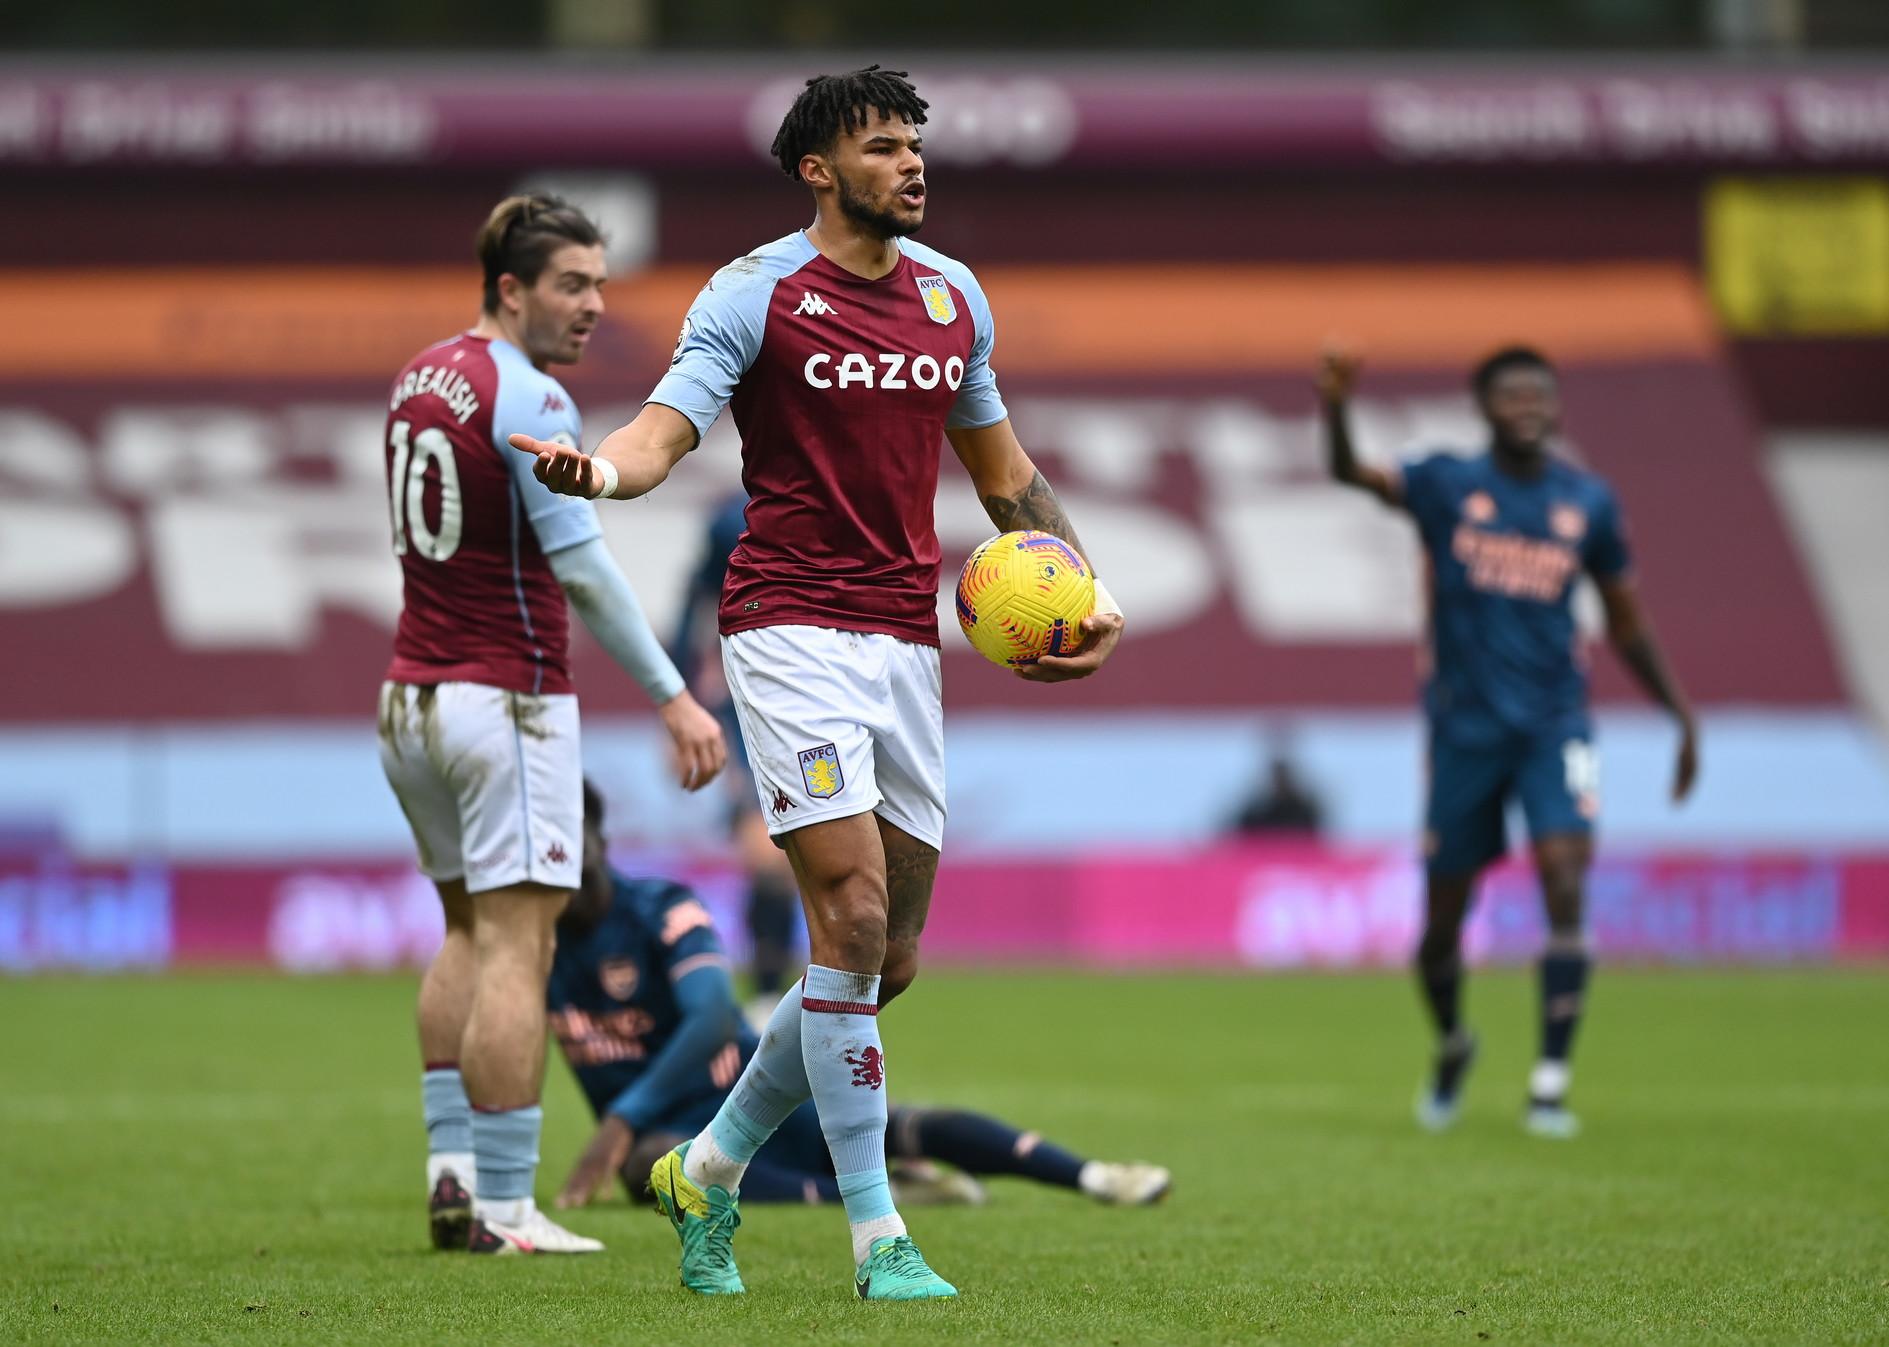 7) Aston Villa: -339 milioni (acquisti per 407 milioni, cessioni per 68 milioni)